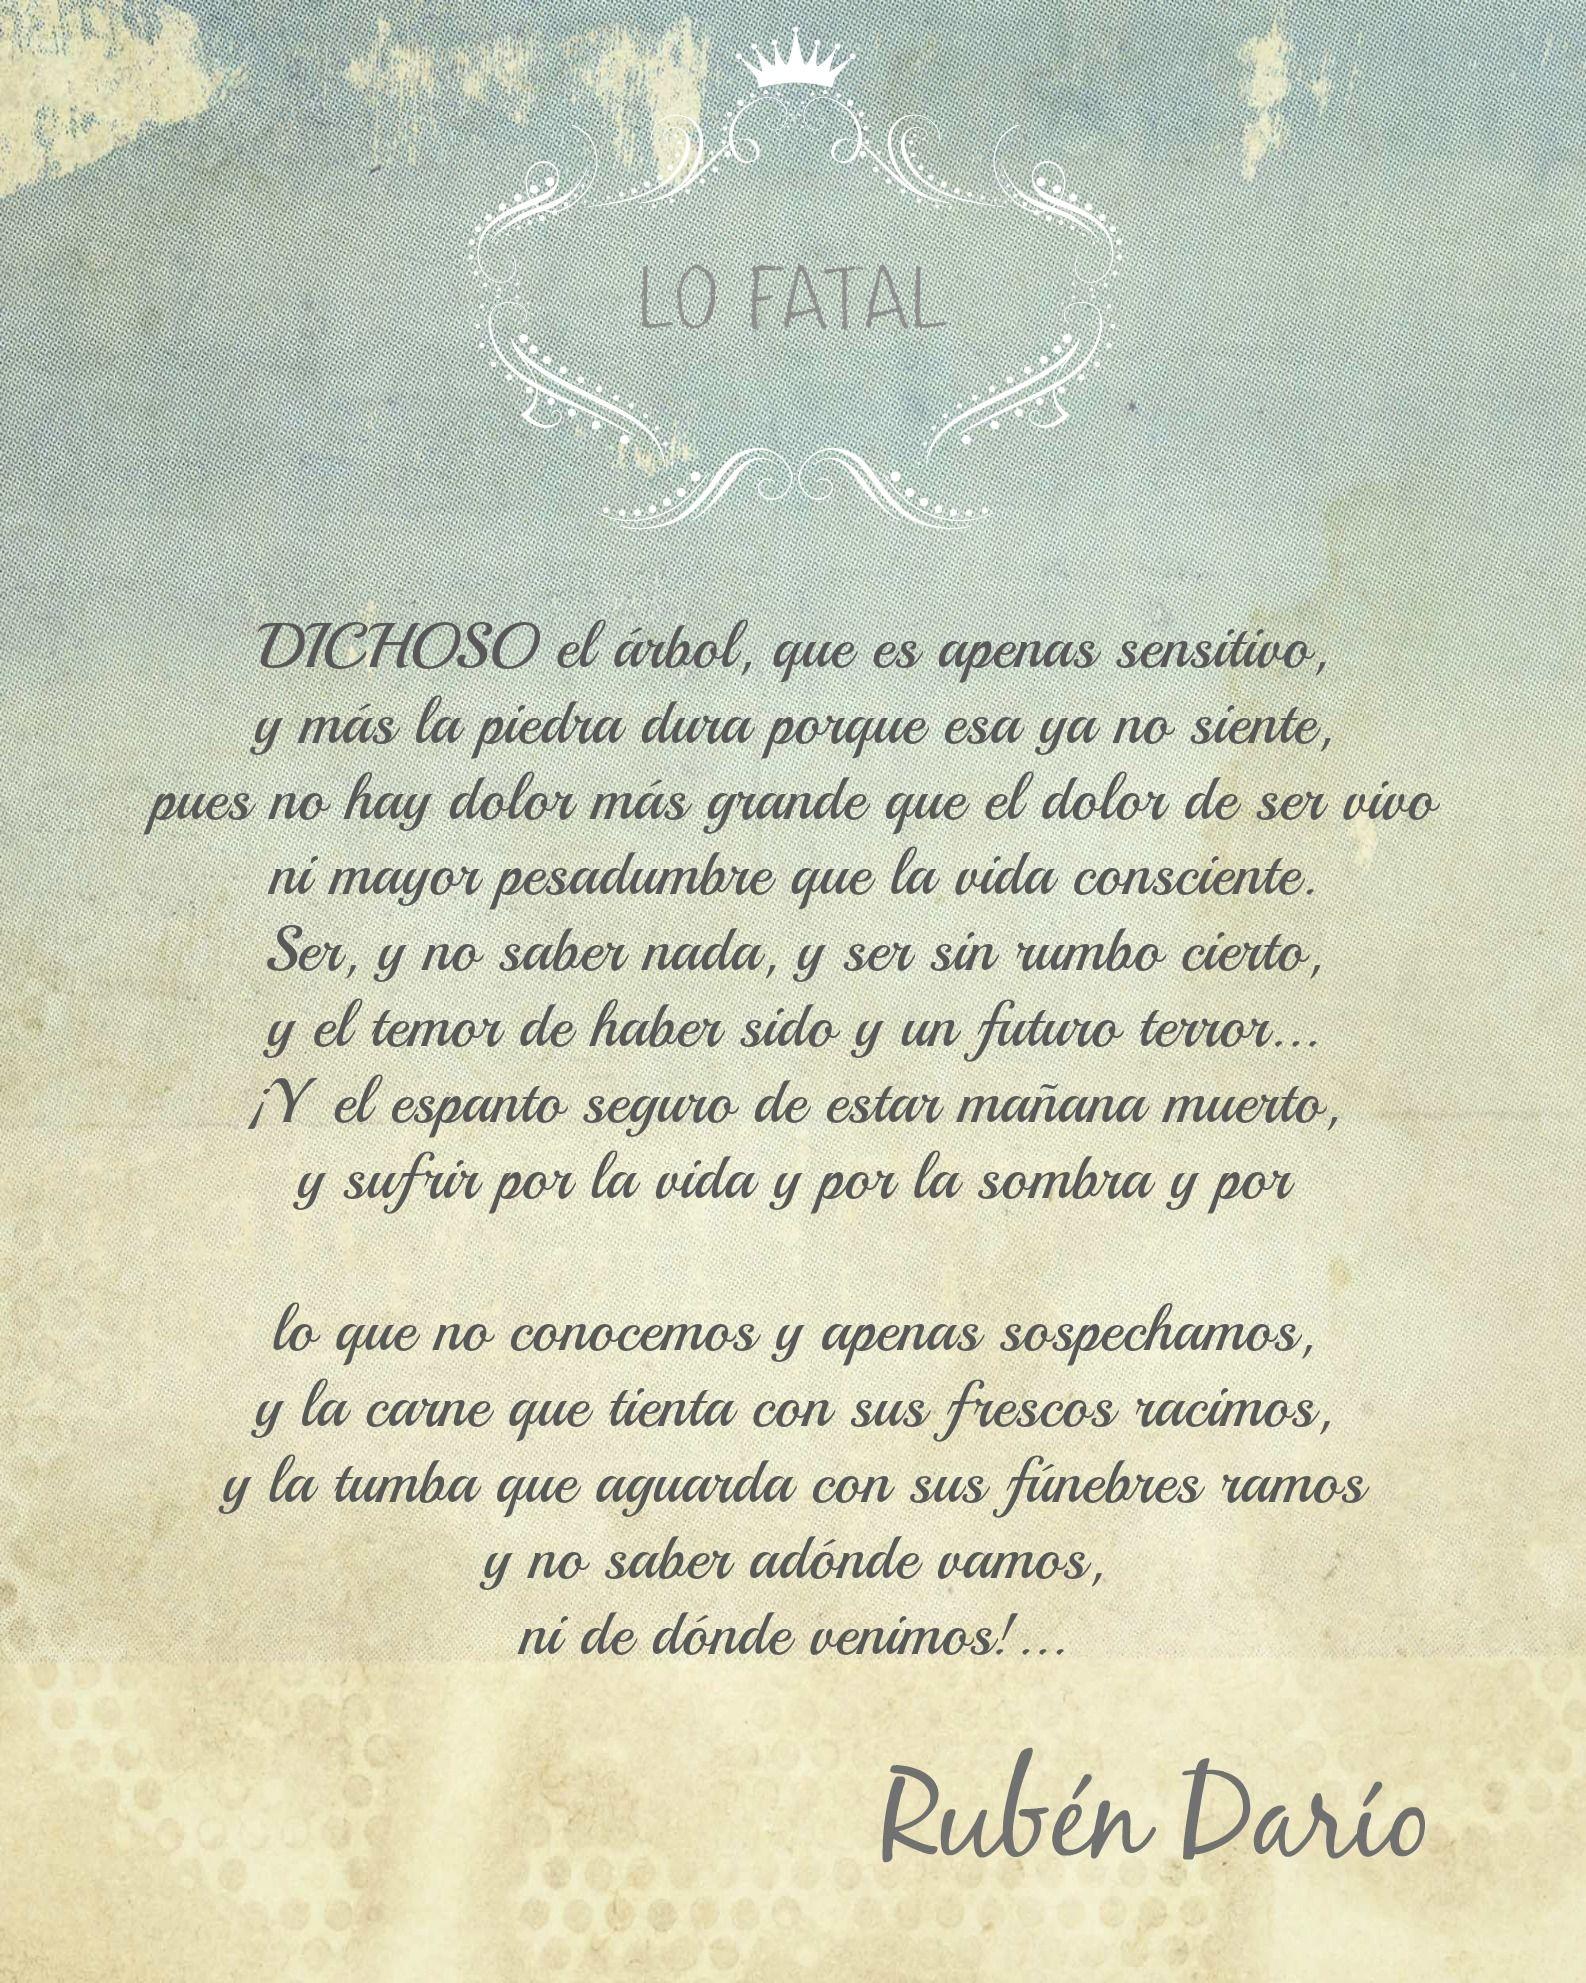 Lo Fatal Ruben Dario Poemas Poesia Frases Ciertas